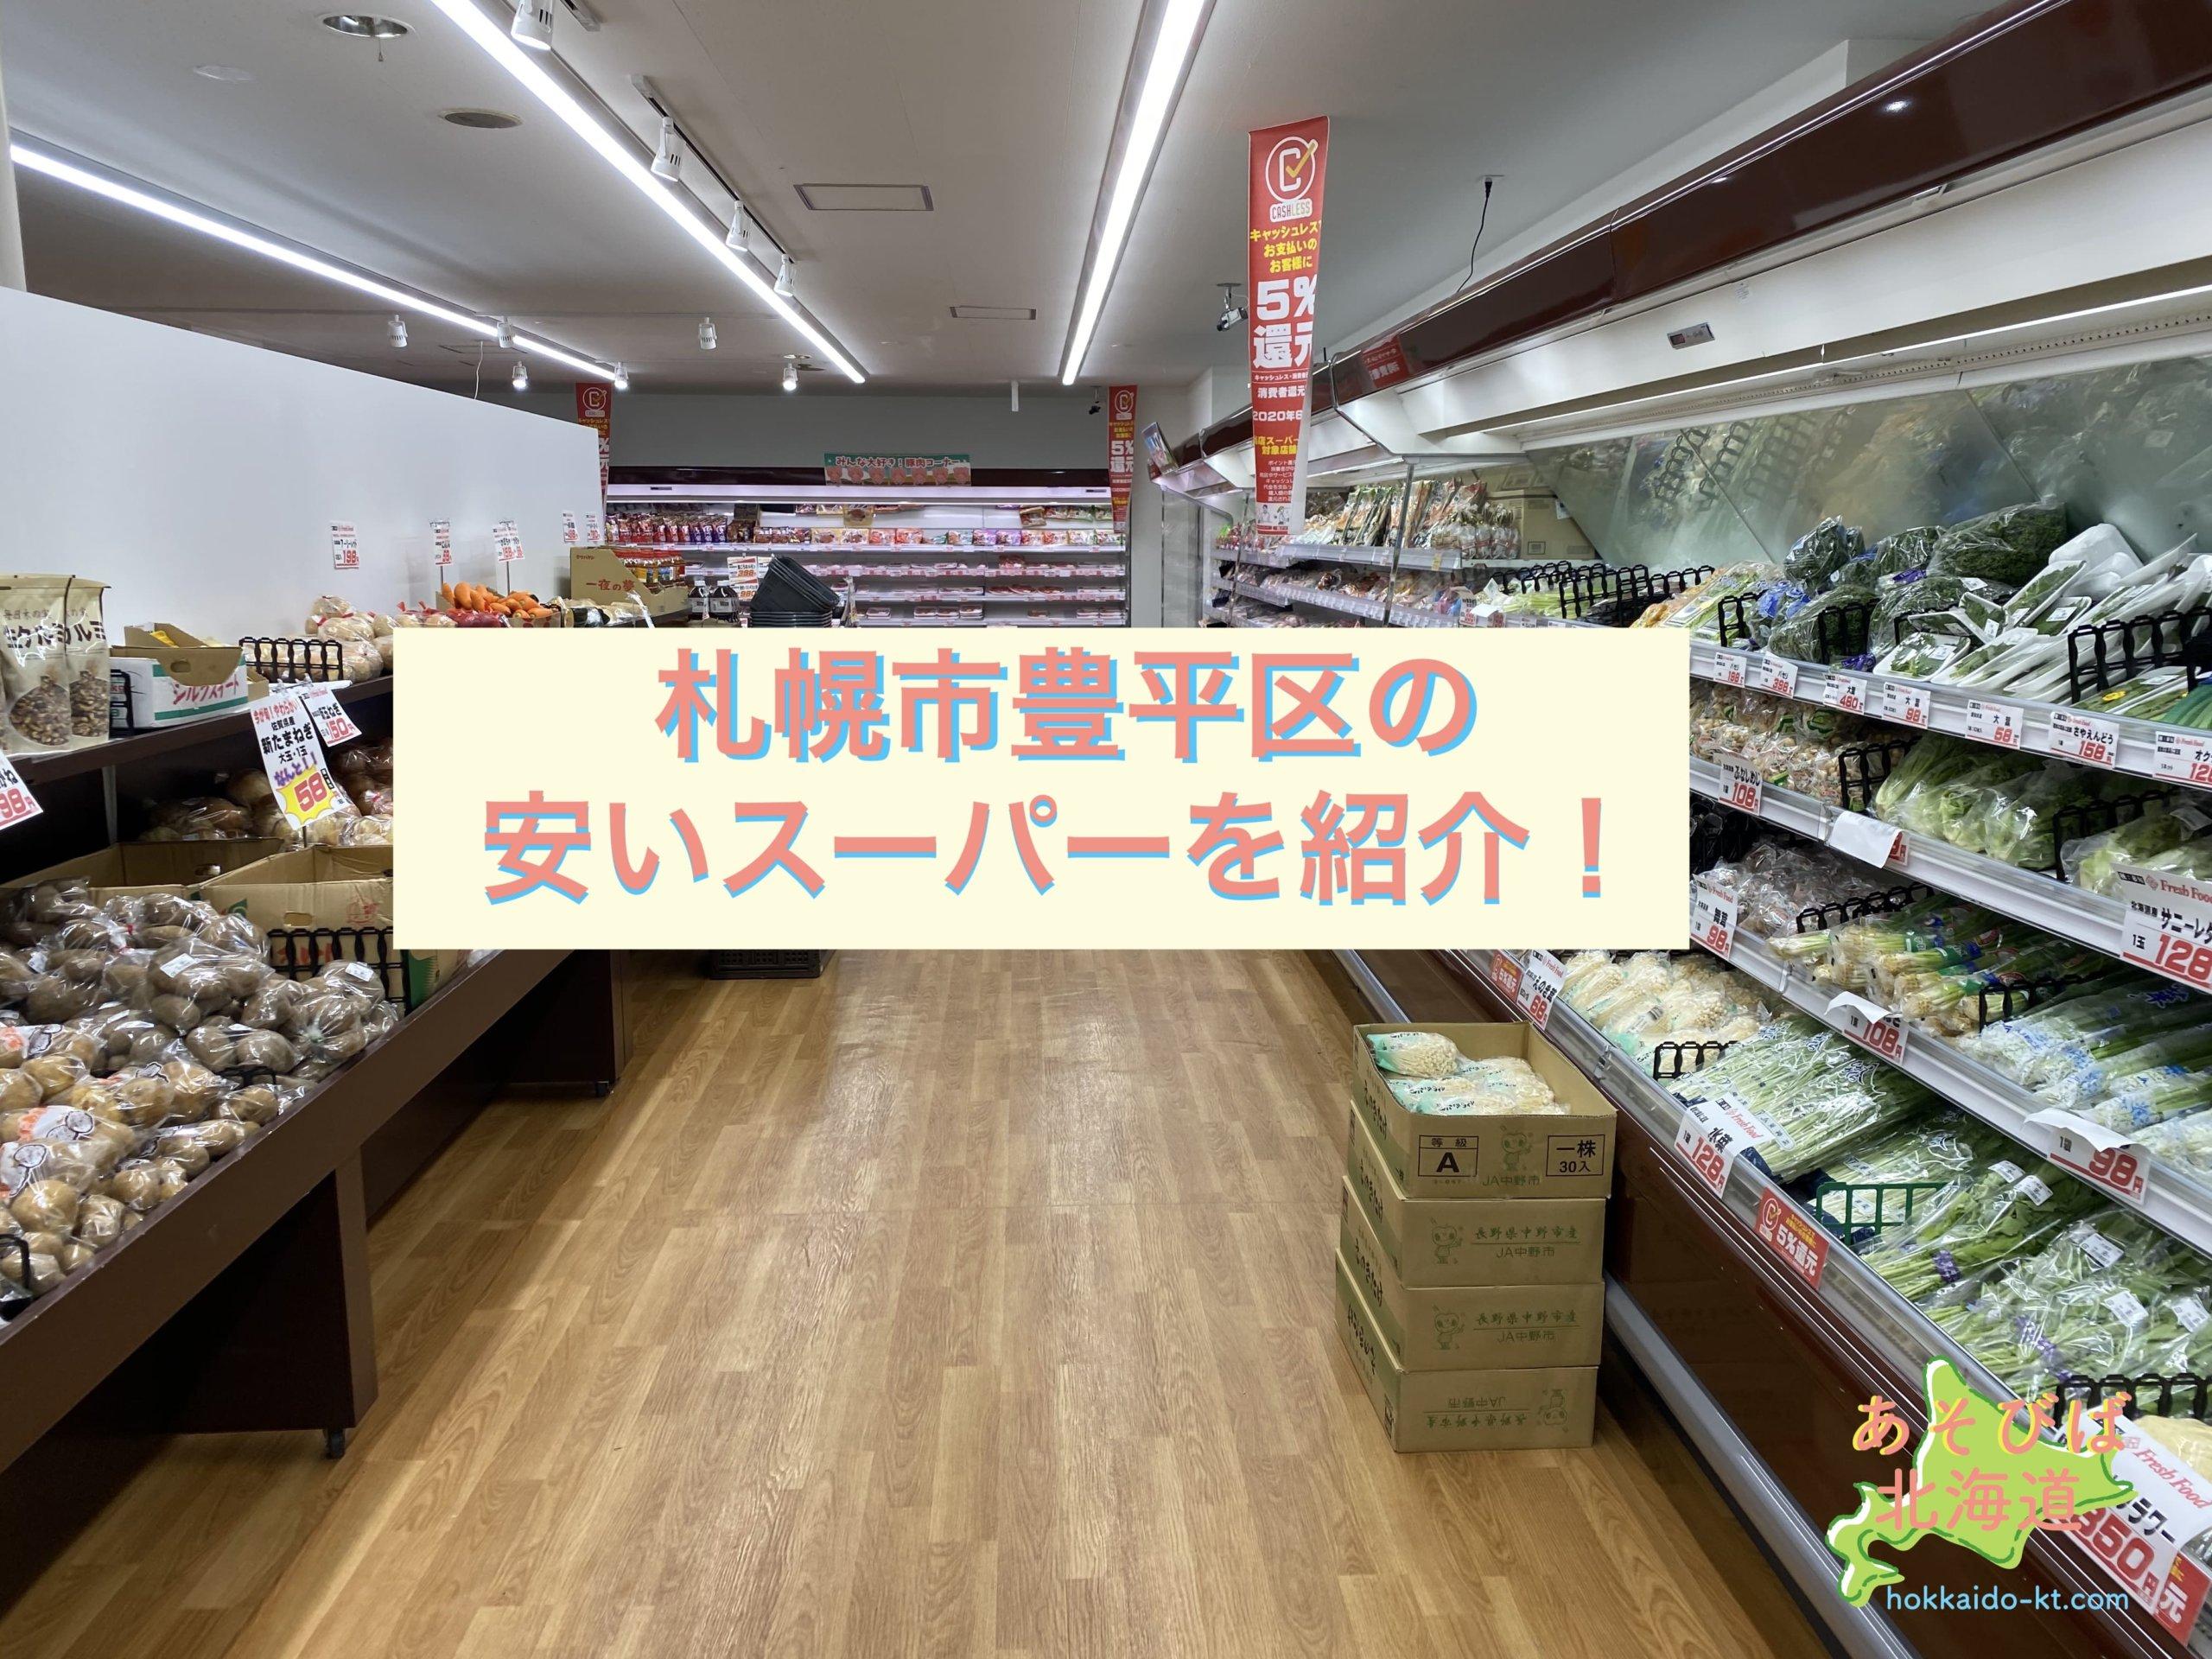 豊平区安いスーパーアイキャッチ